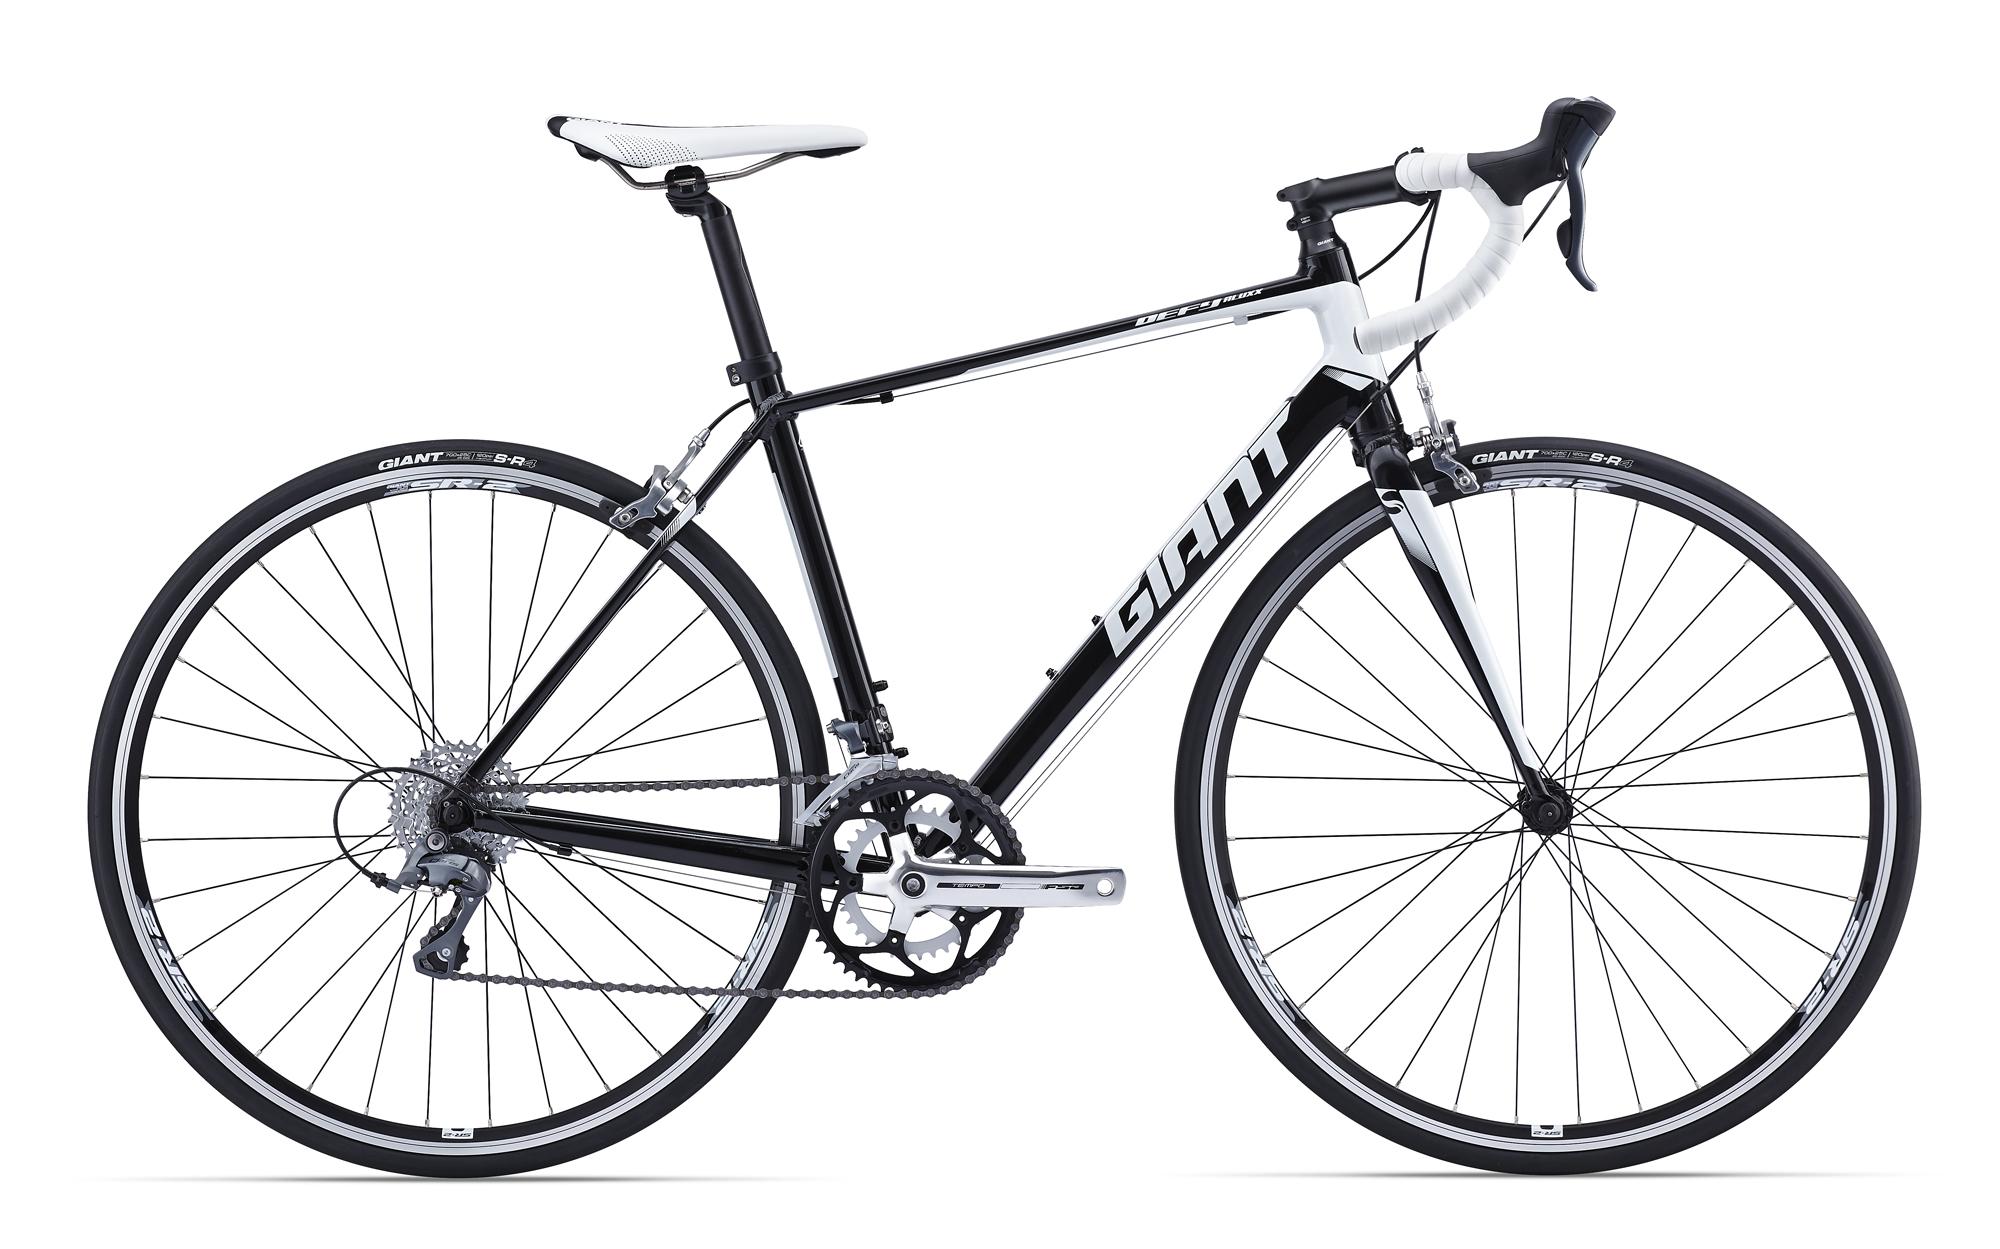 Велосипед Defy 5 Колесо:700c Рама:L Цвет:Черный/Белый от Ravta